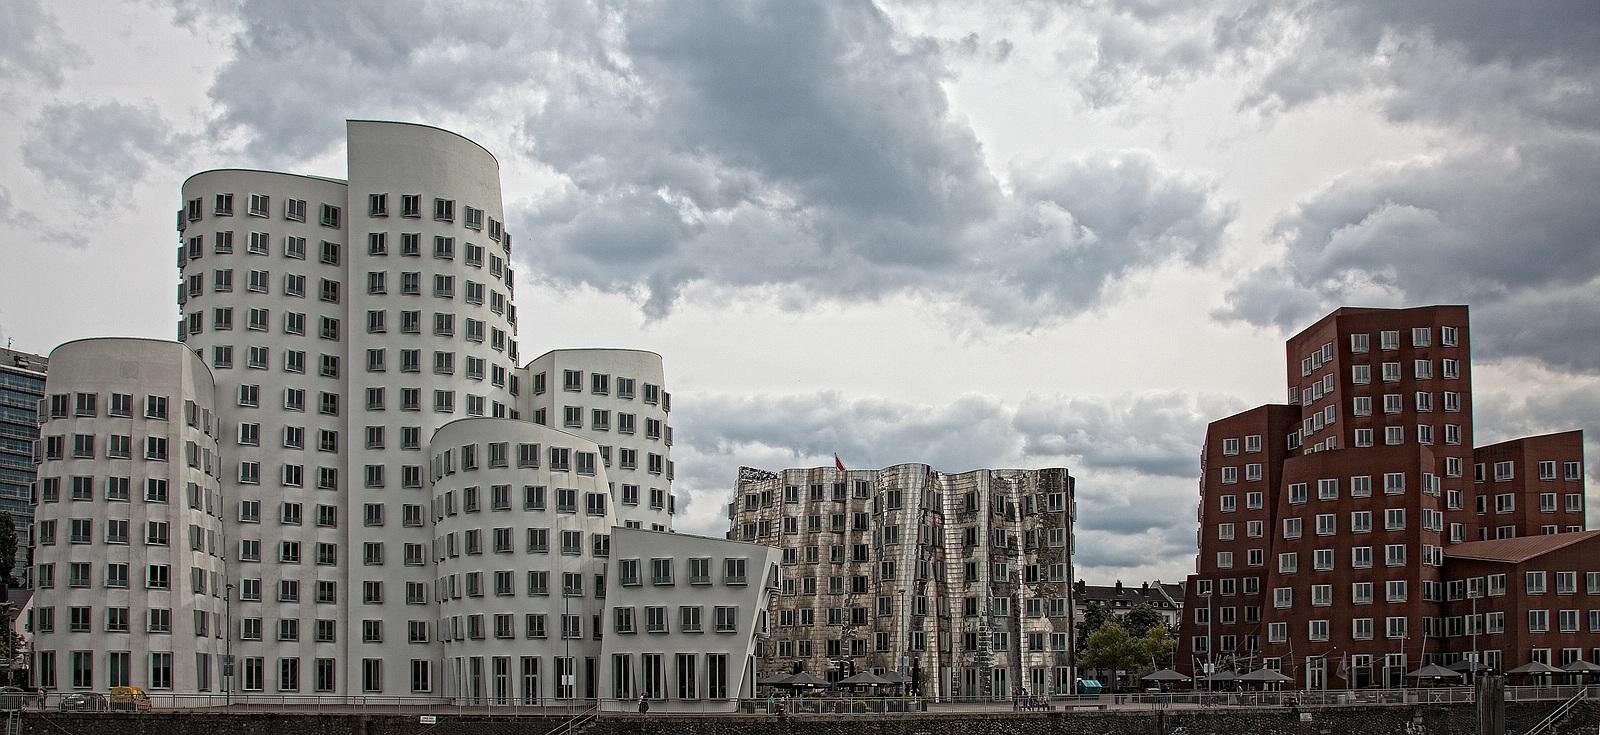 Medienhafen Düsseldorf